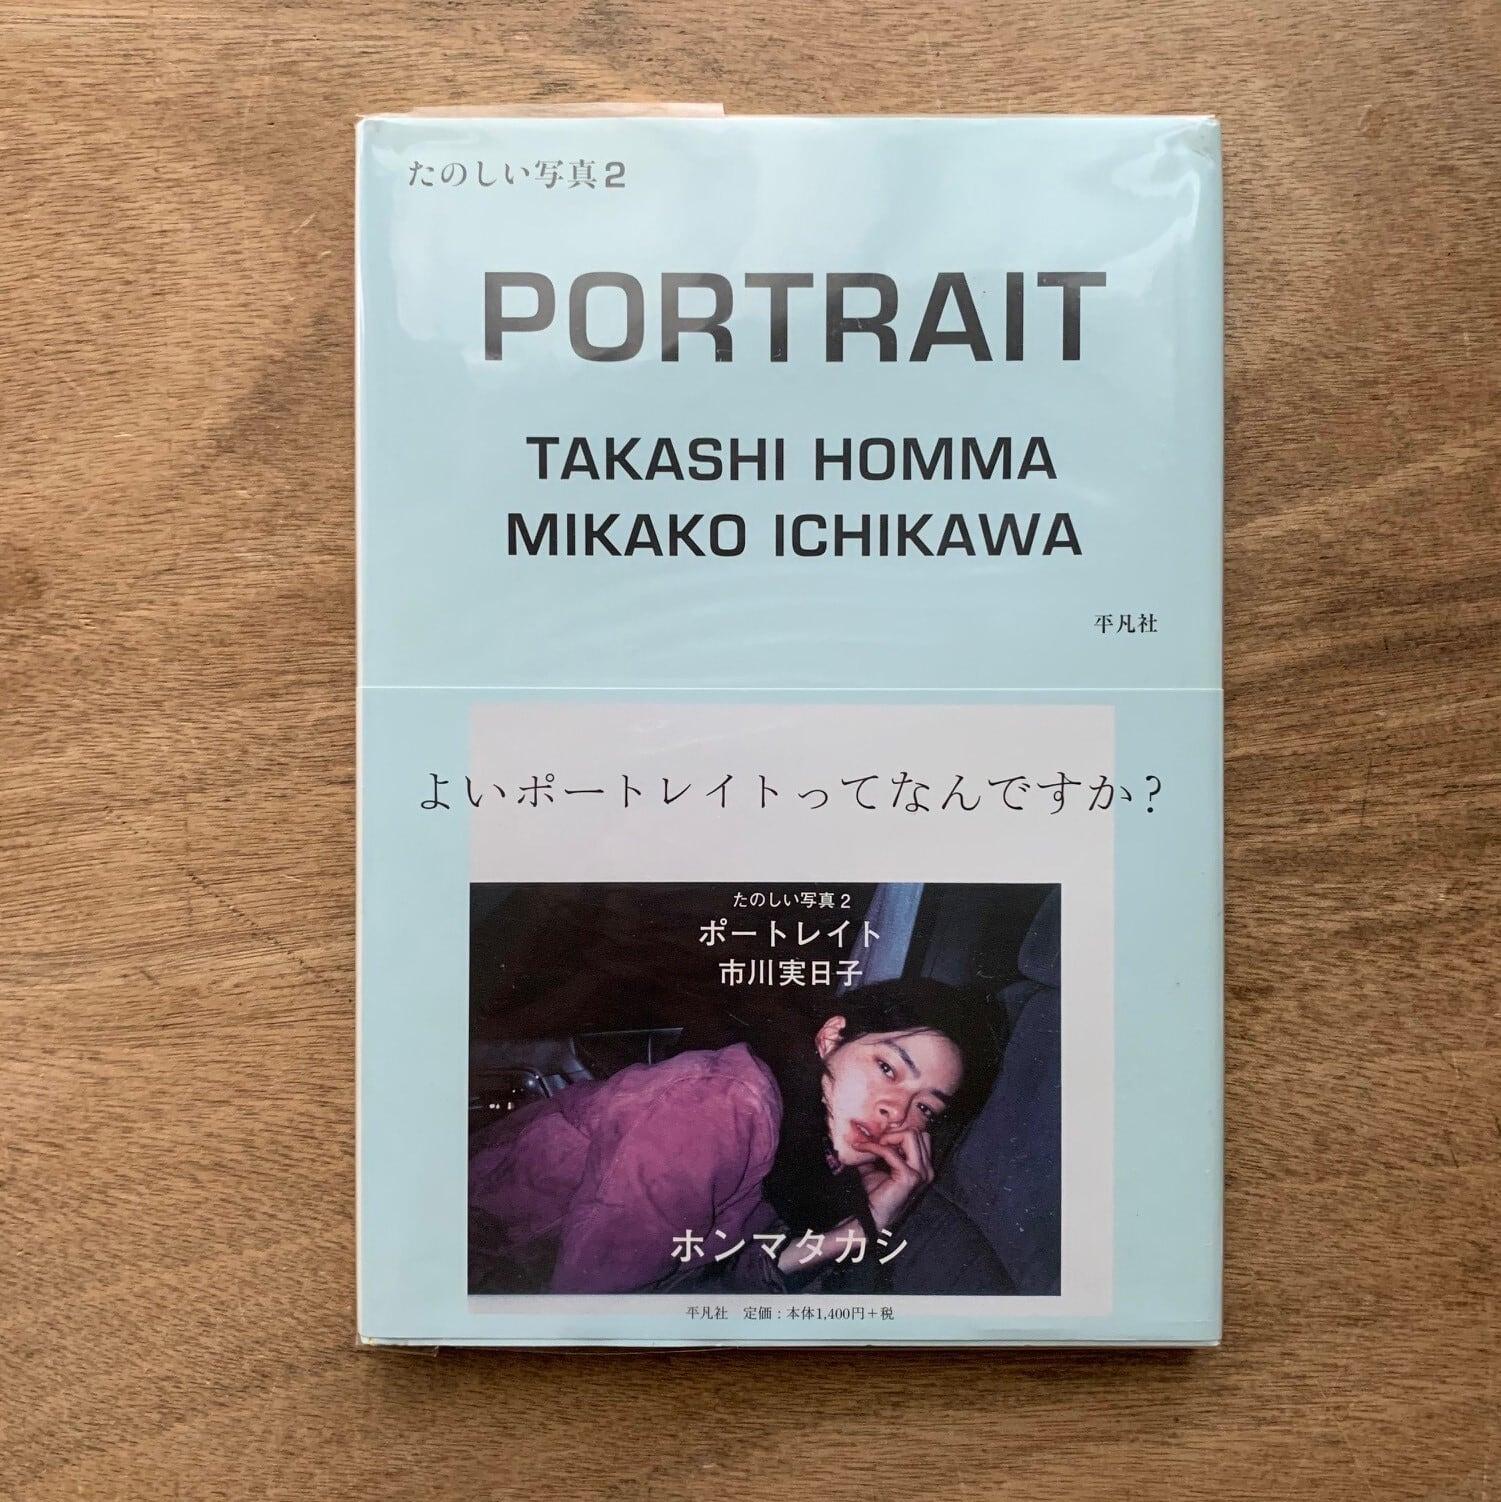 たのしい写真2 PORTRAIT 市川実日子 / ホンマ タカシ (著)